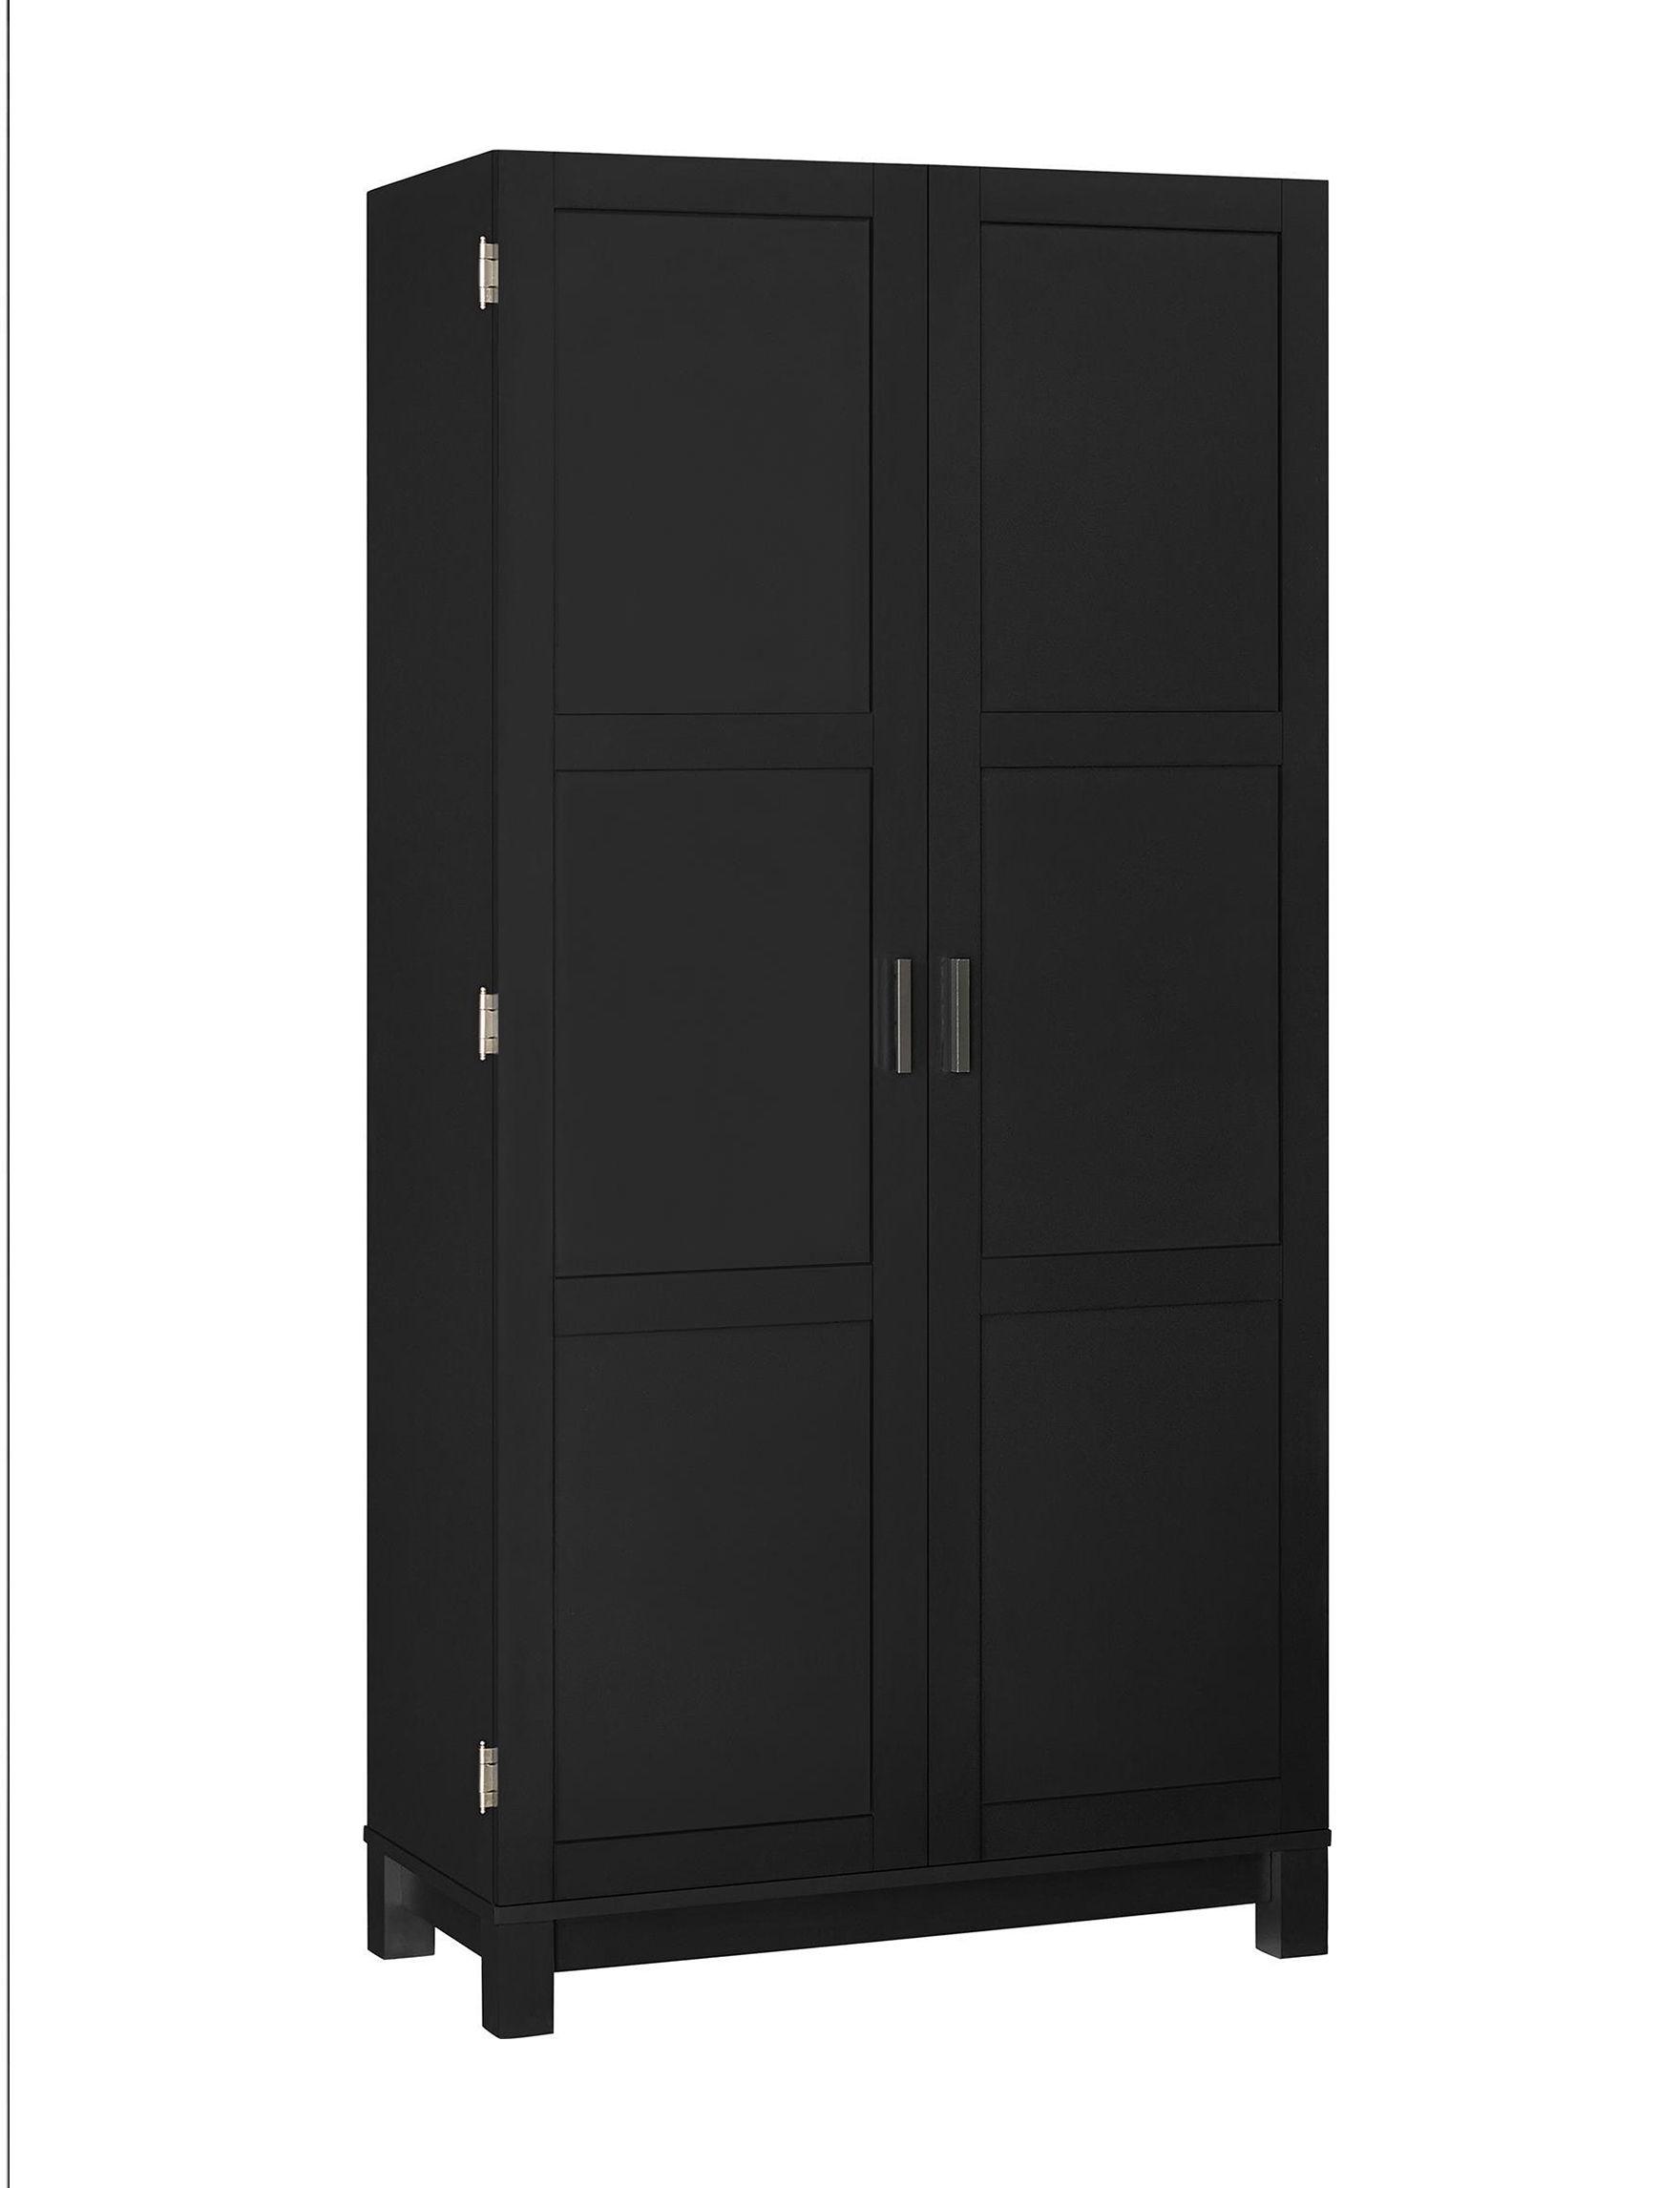 Ameriwood Black Cabinets & Cupboards Living Room Furniture